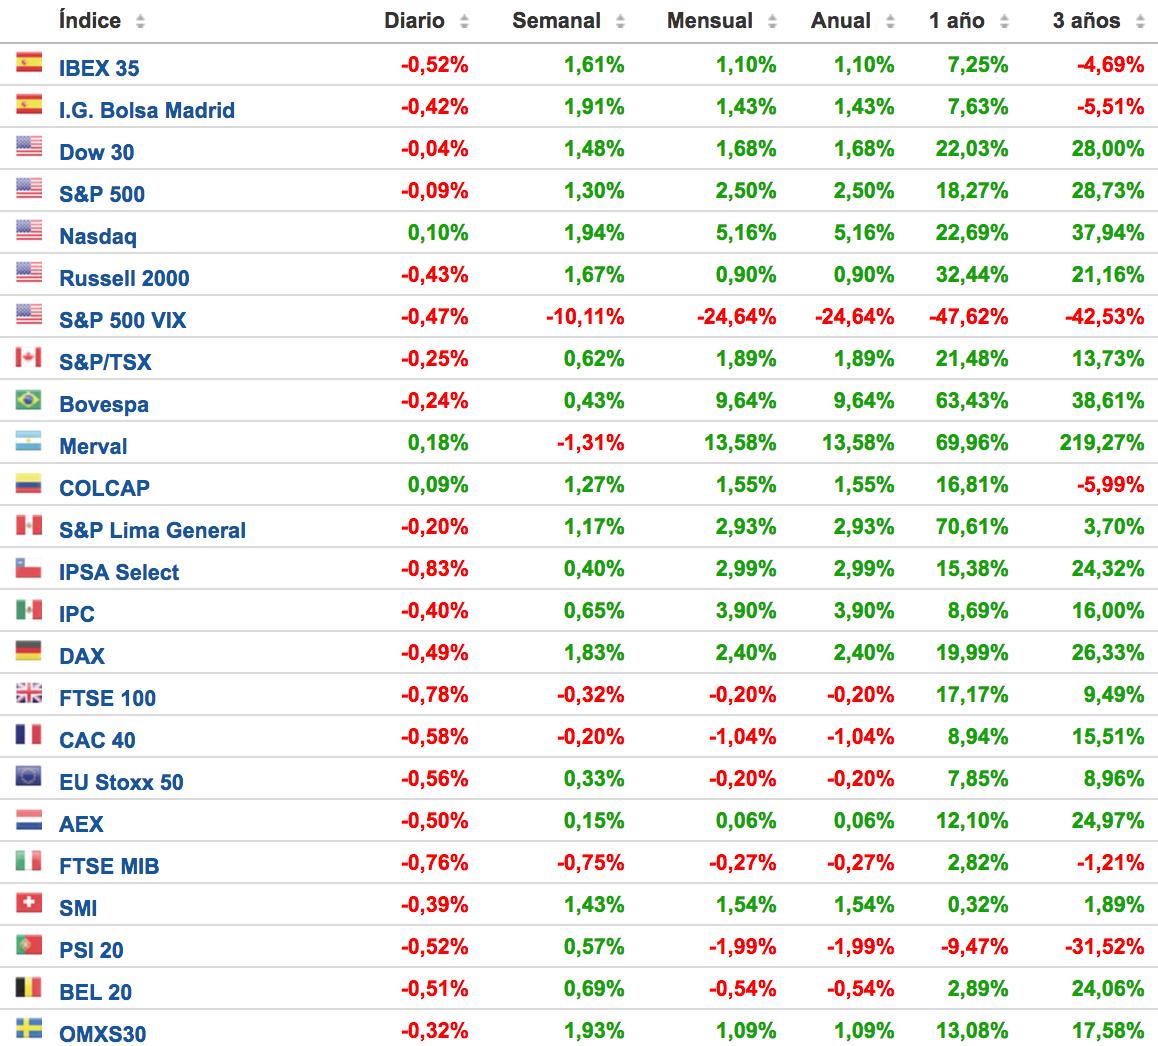 rentabilidad-de-los-principales-índices-bursátiles-Altair-Finance